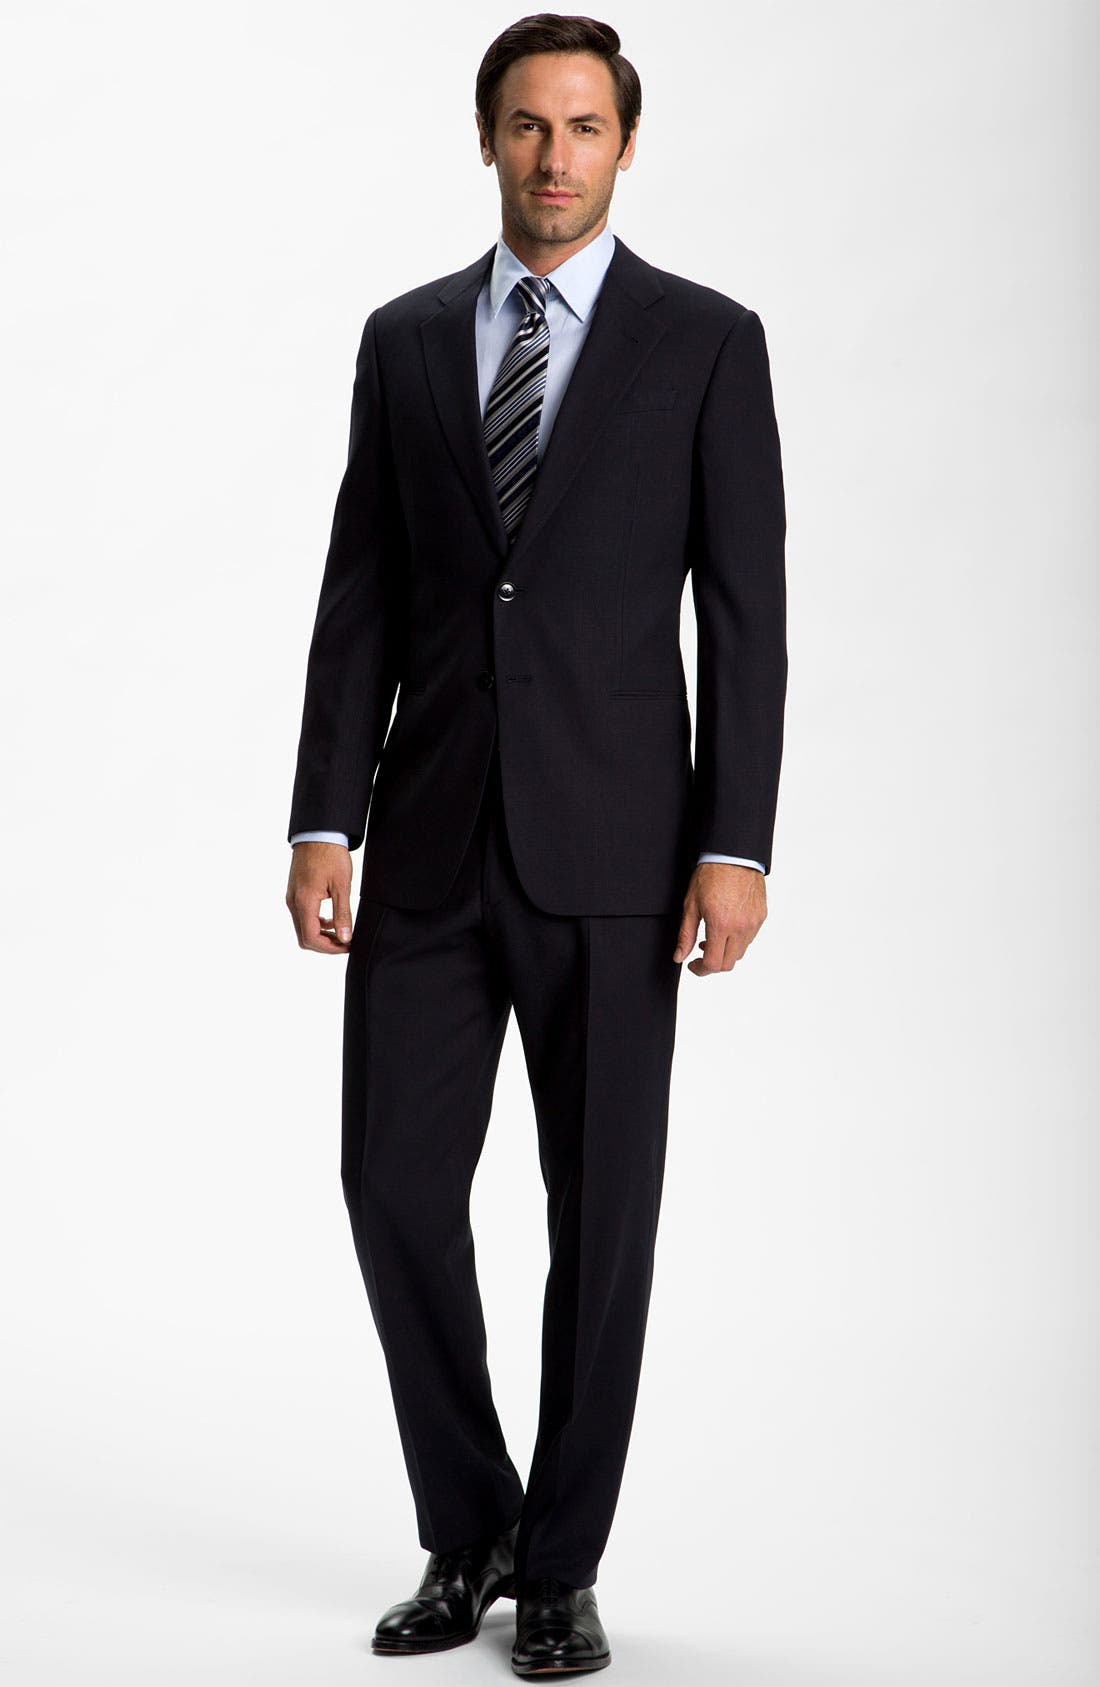 Main Image - Armani Collezioni Trim Fit Black Wool Suit